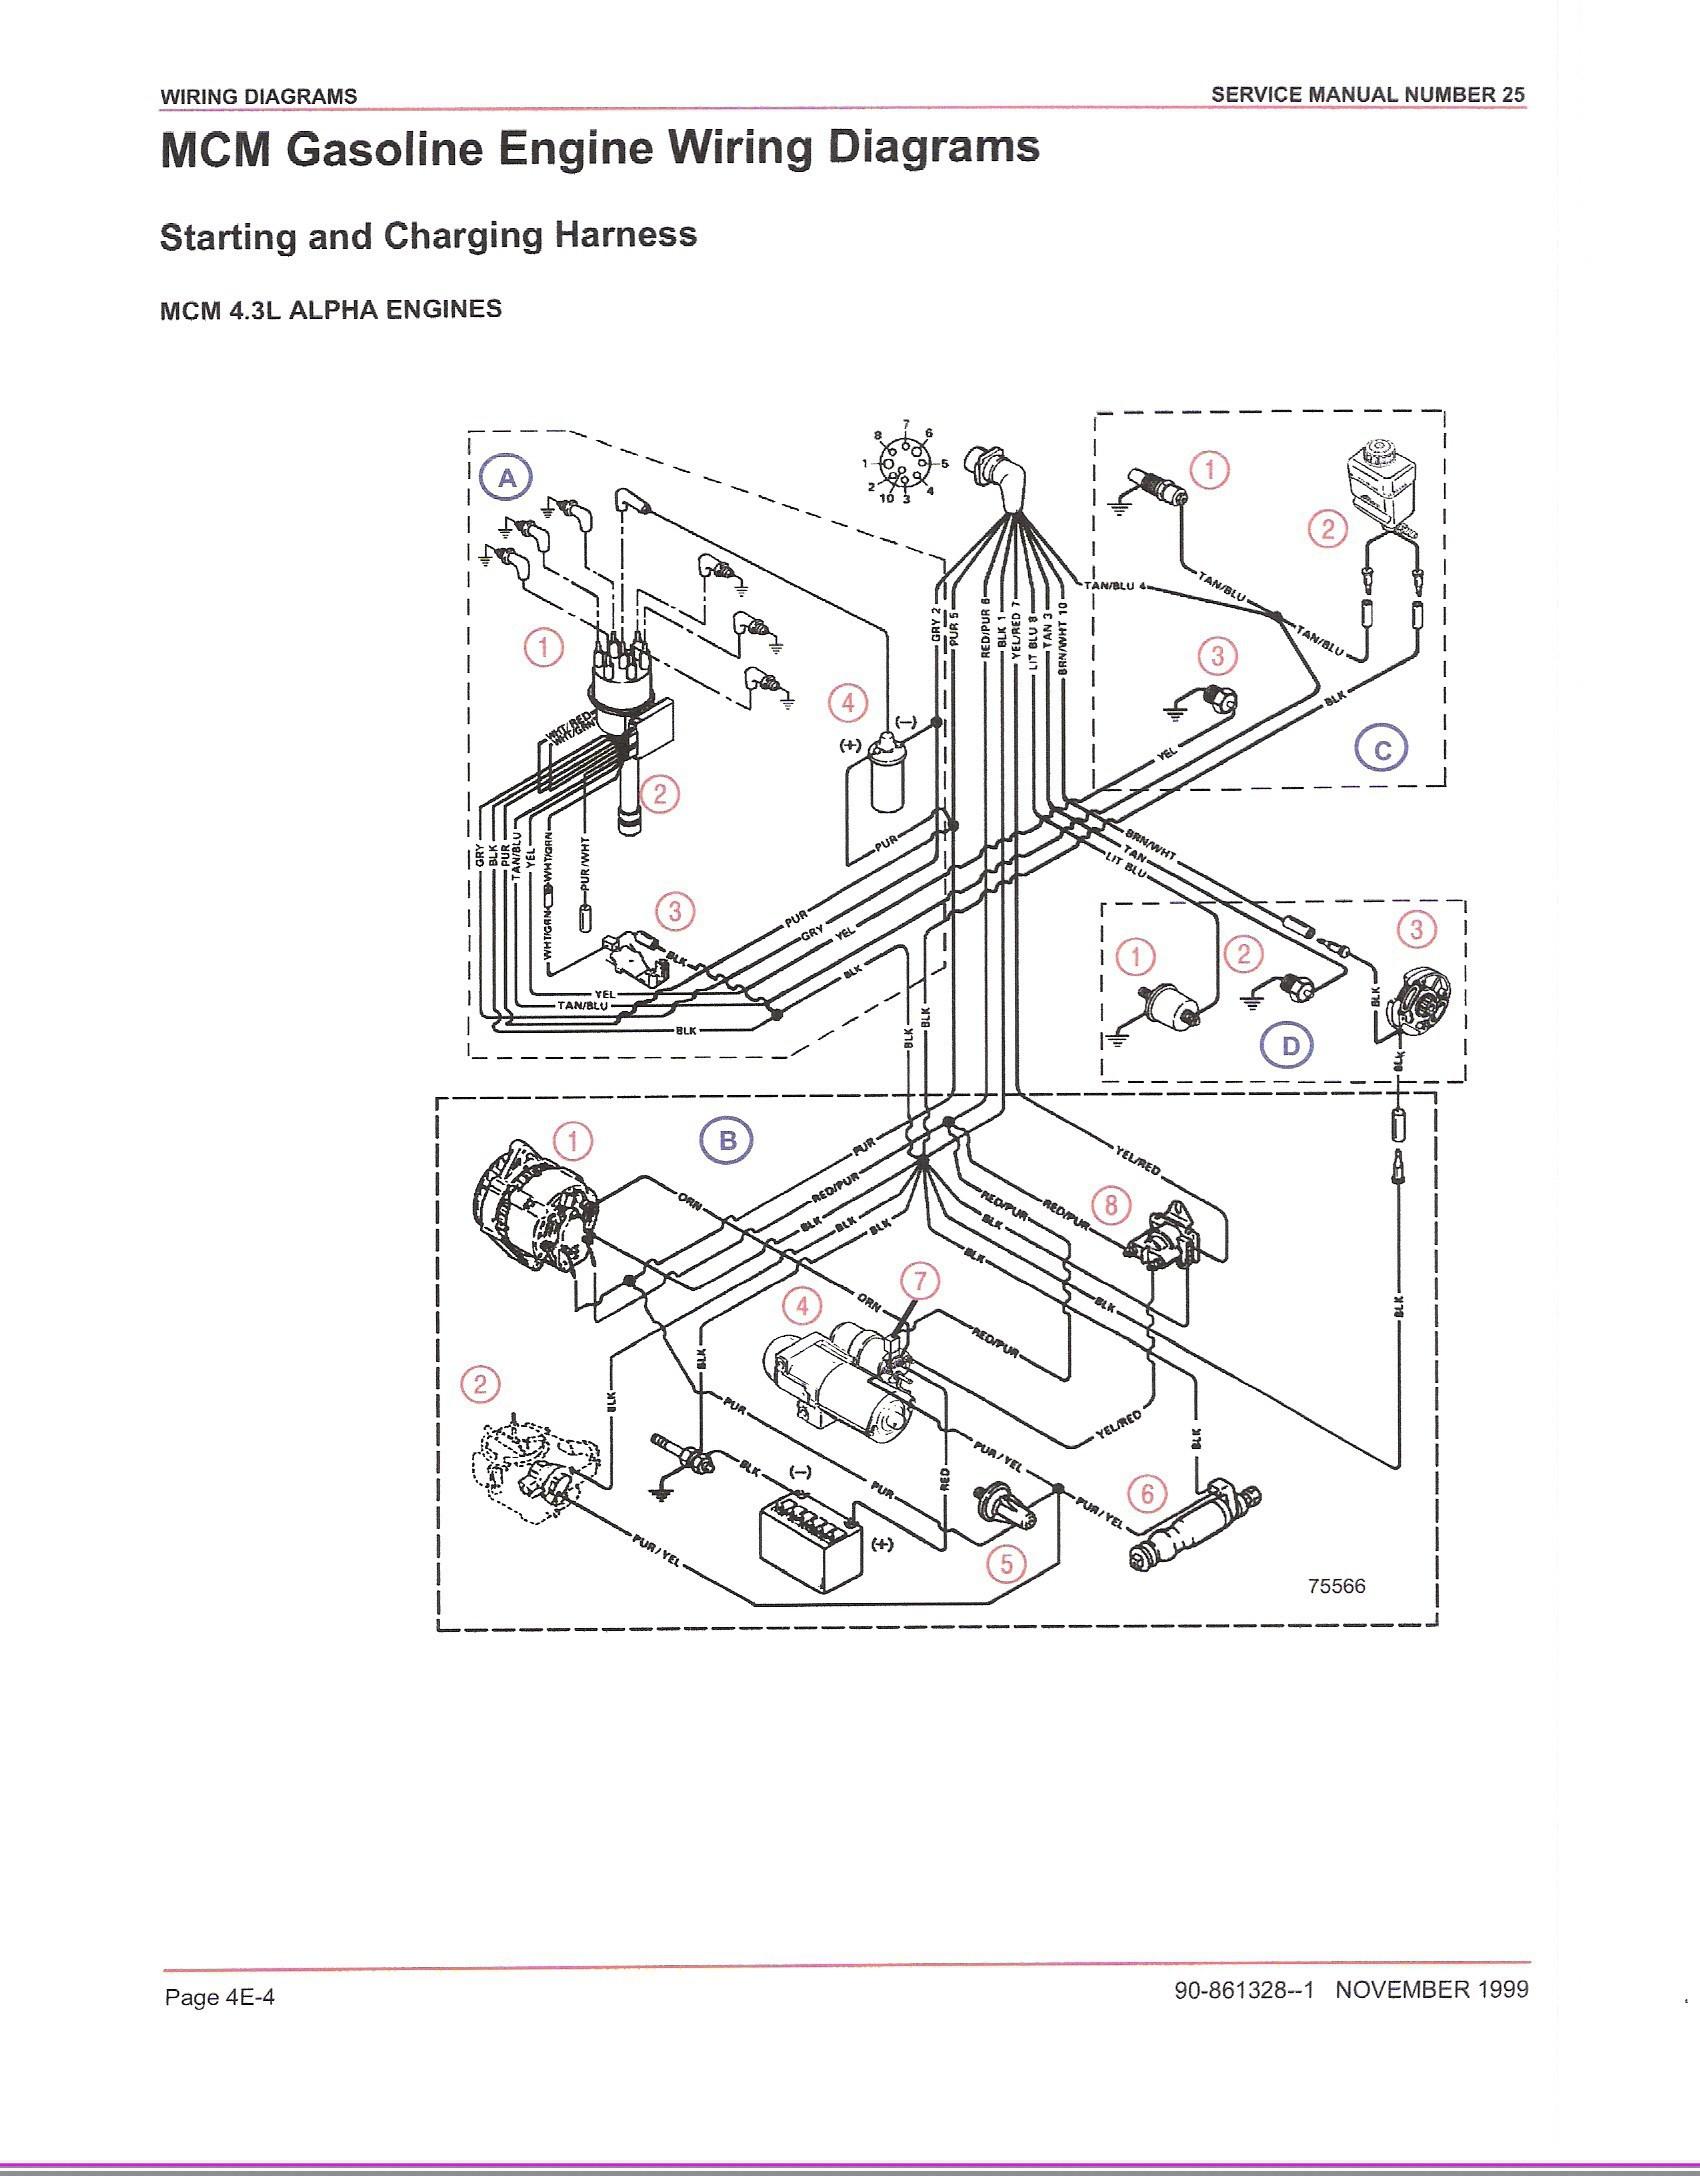 5 7 Mercruiser Wiring Diagram Free Vehicle Diagrams 454 Sensor Trim Solenoid Unique Image Rh Mainetreasurechest Com